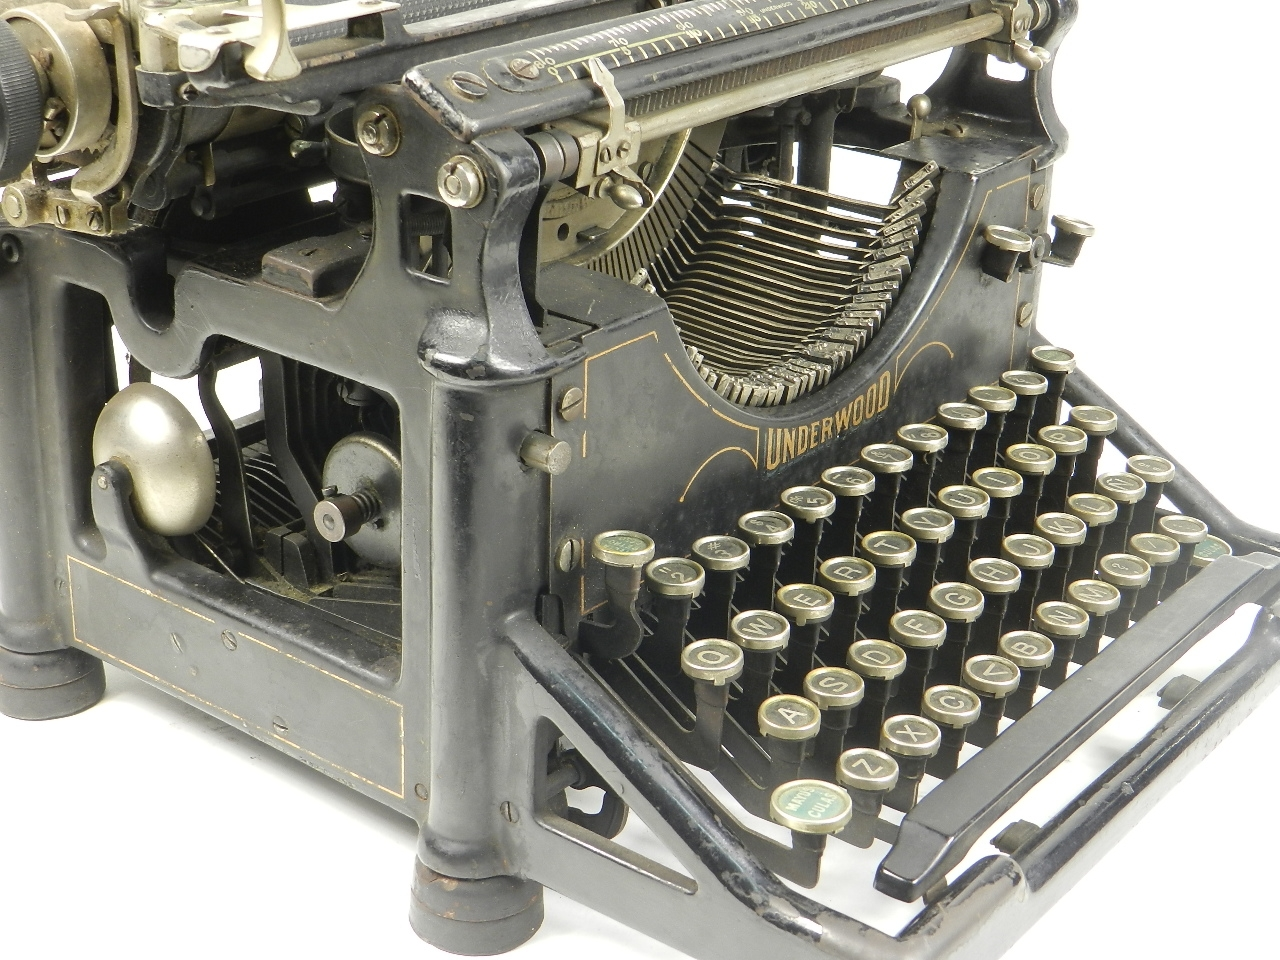 Imagen UNDERWOOD  Nº5  AÑO 1924 28416